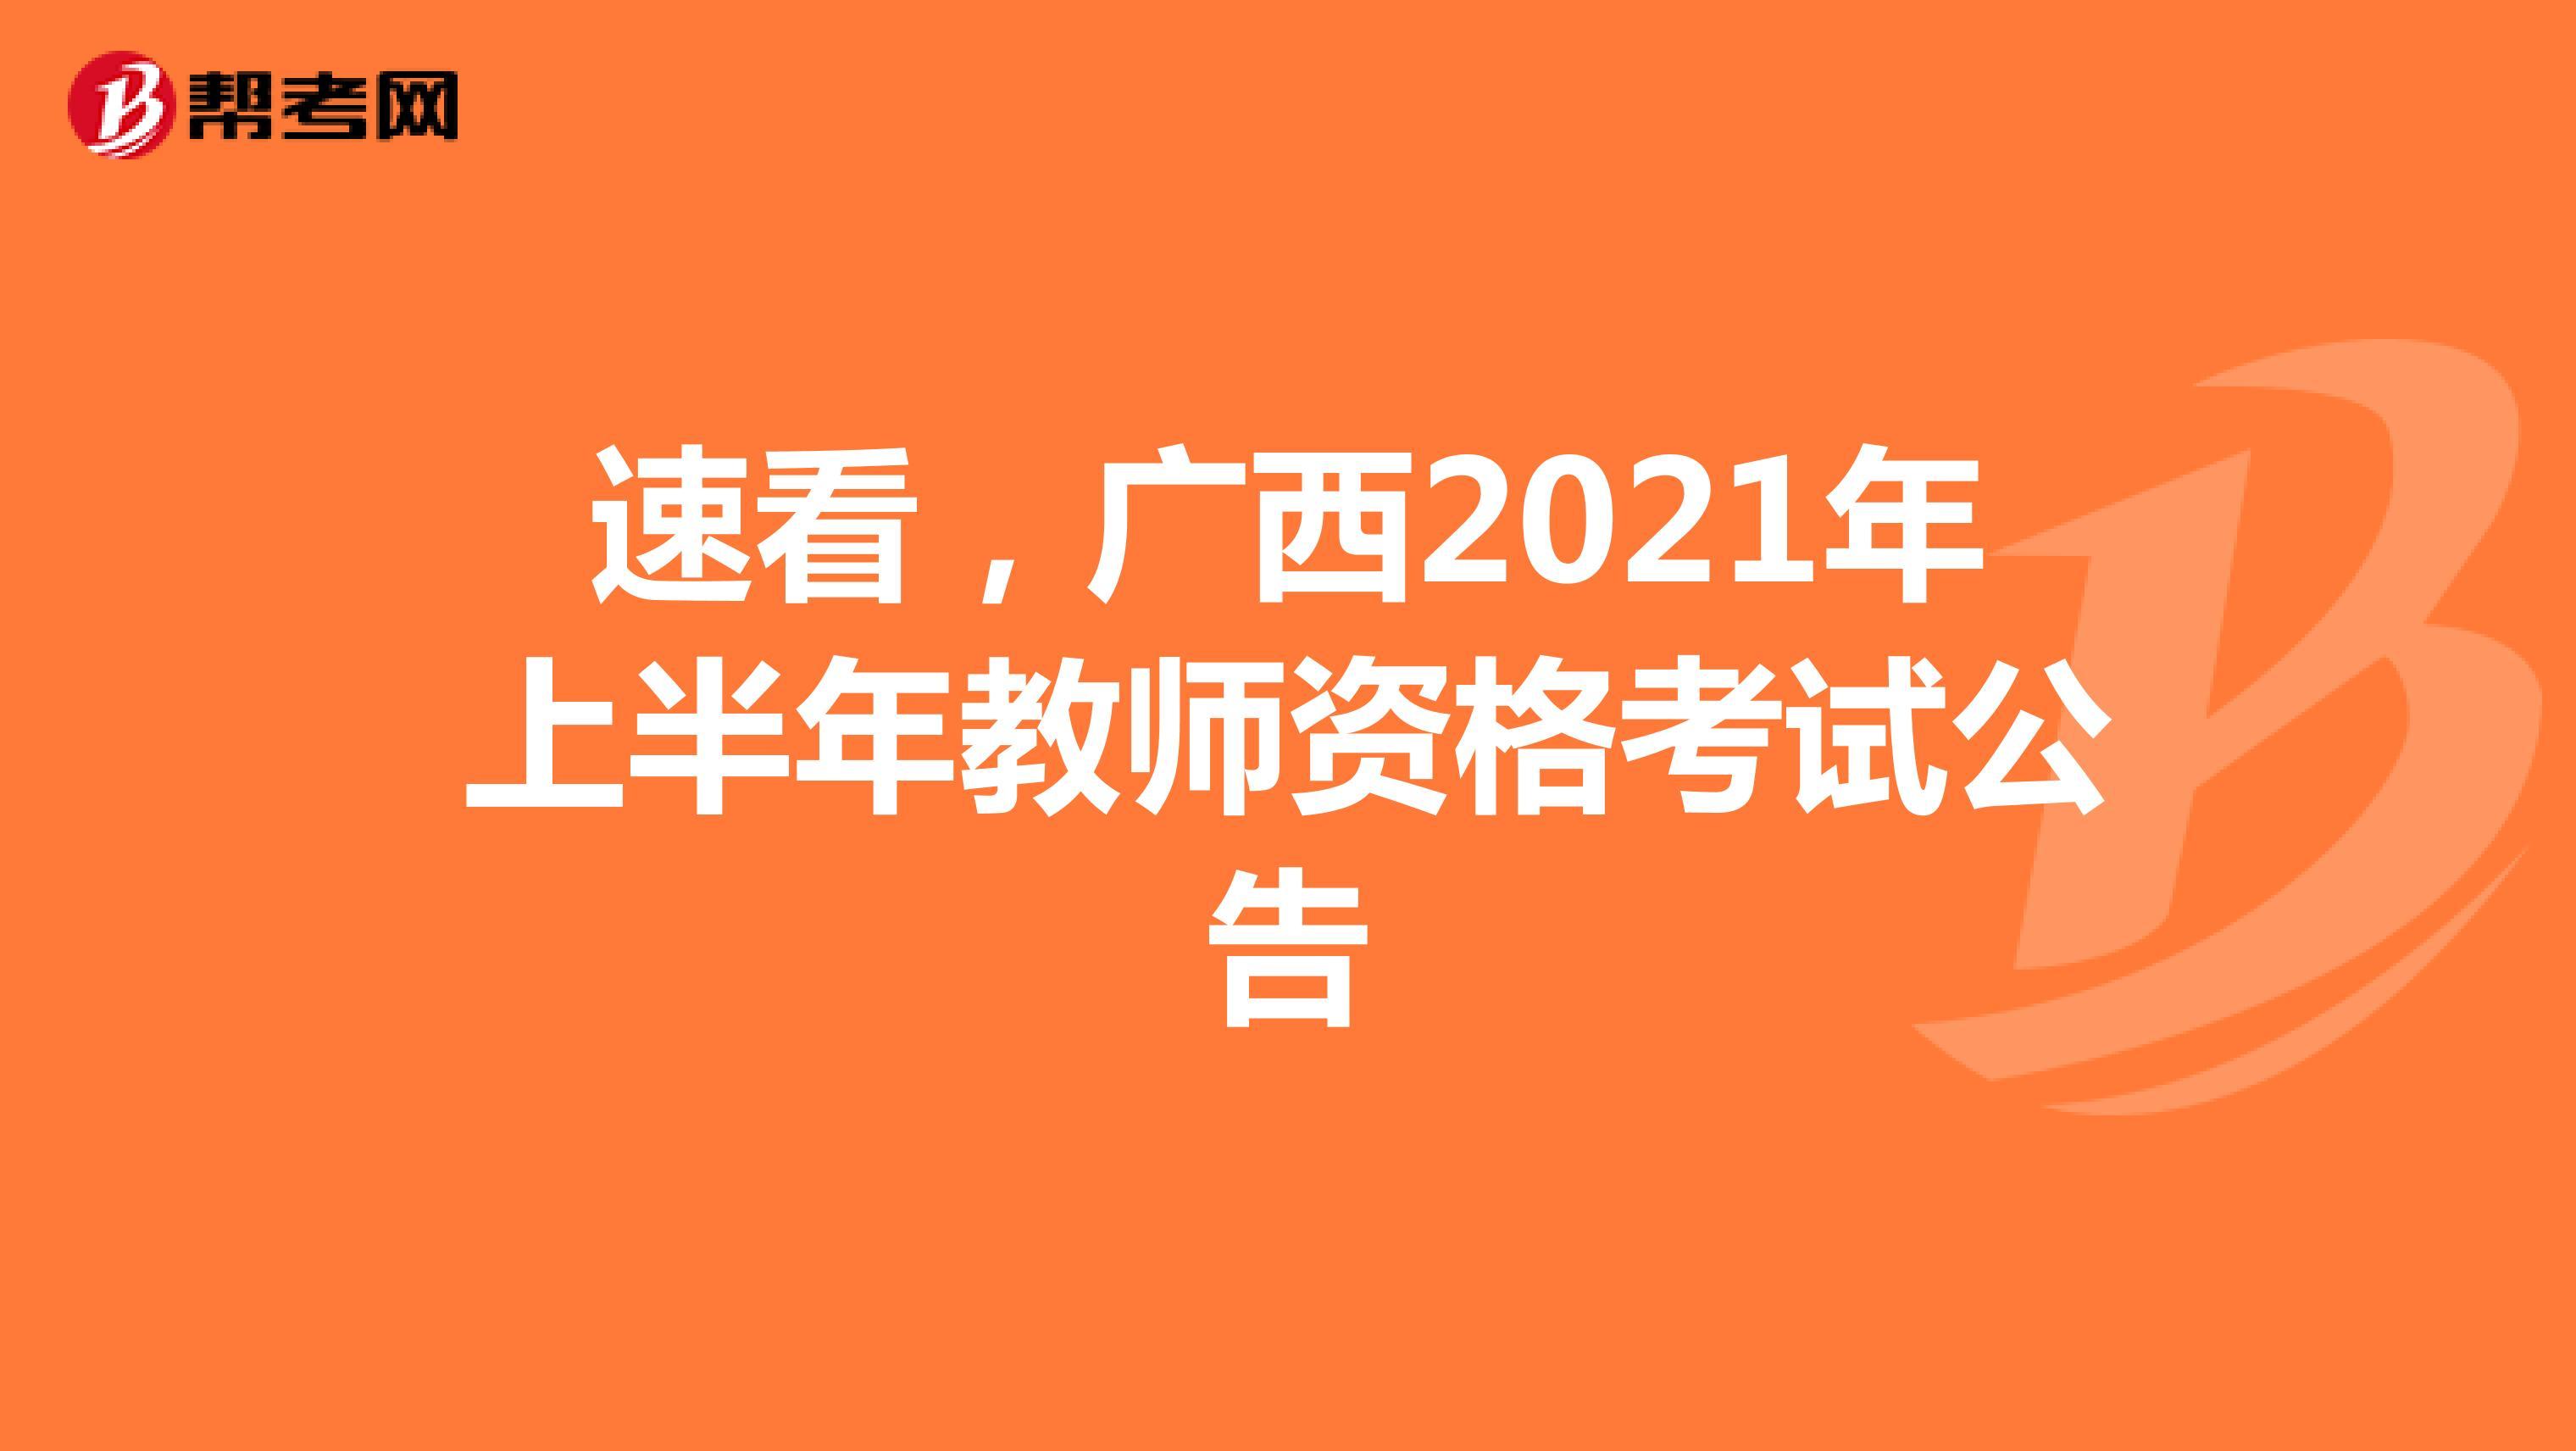 速看,广西2021年上半年教师资格考试公告